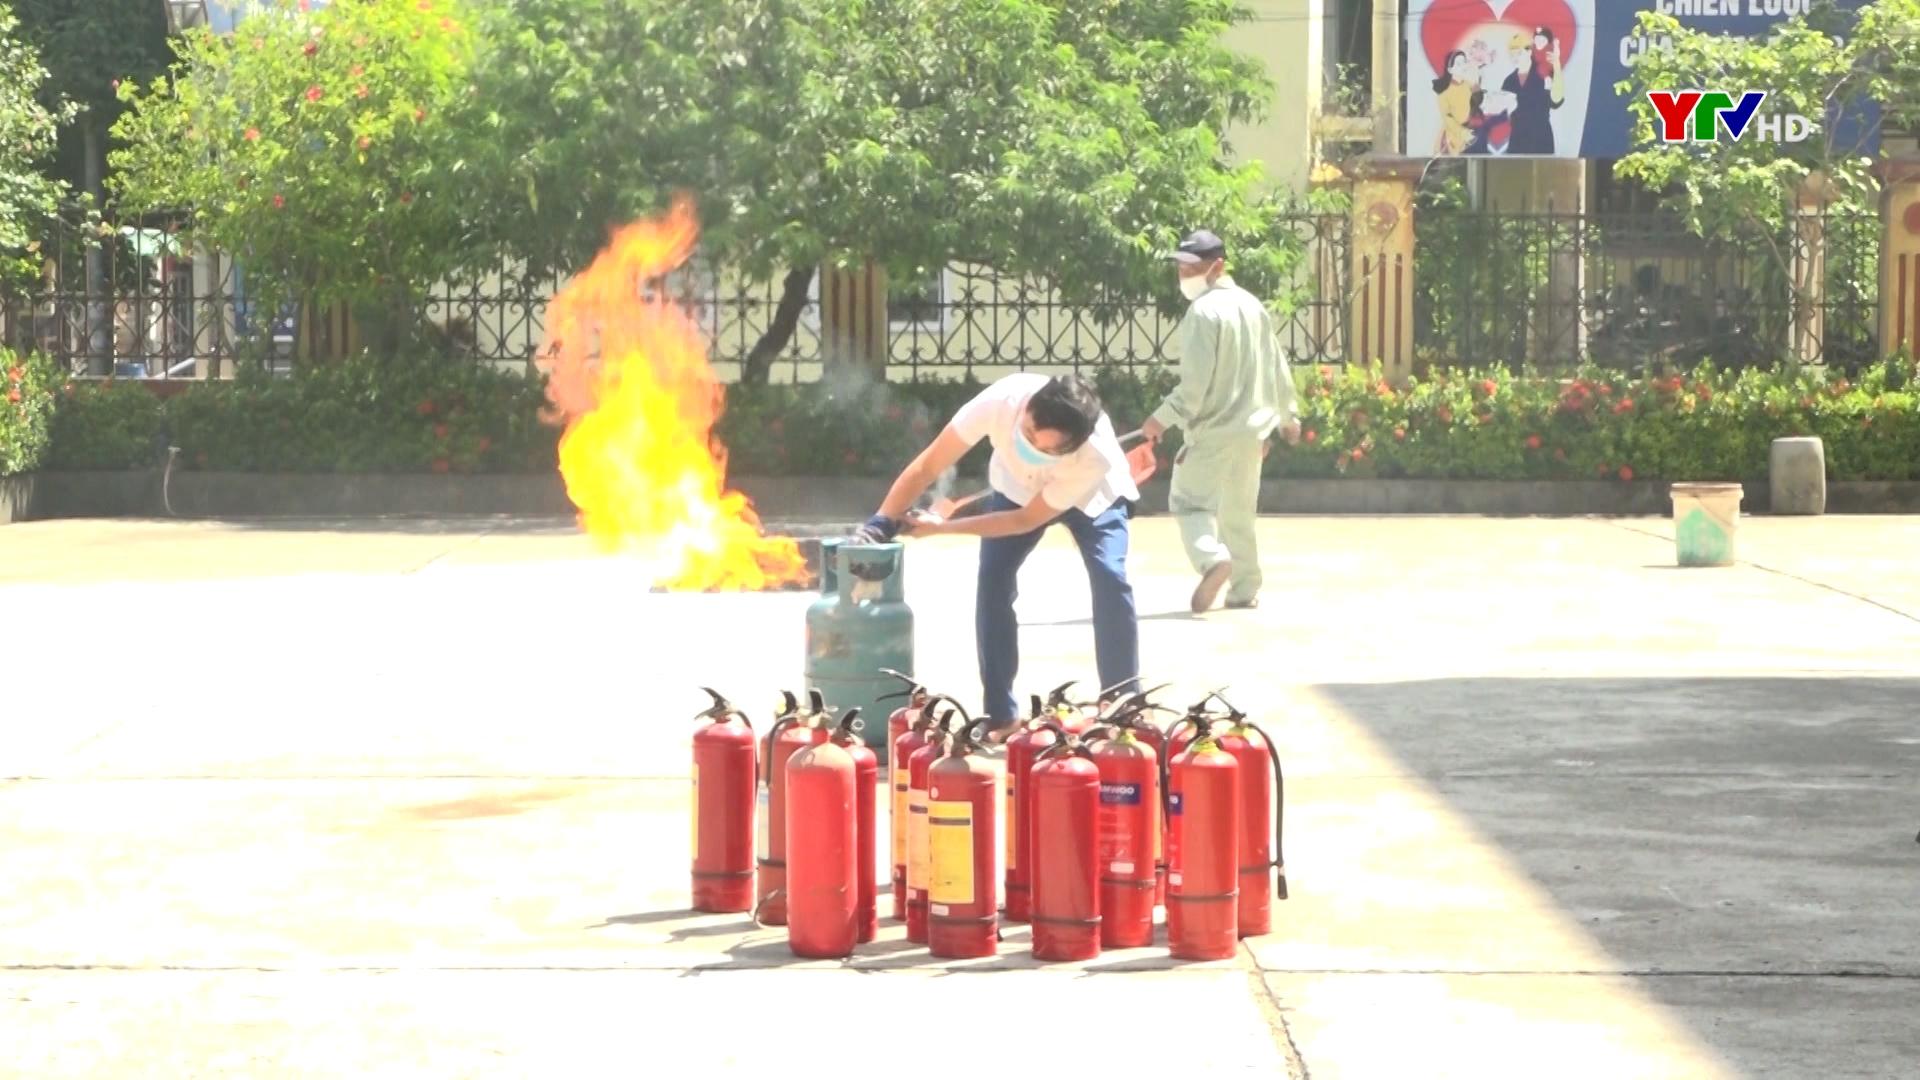 Tăng cường công tác phòng, chống cháy nổ tại các cơ quan, đơn vị